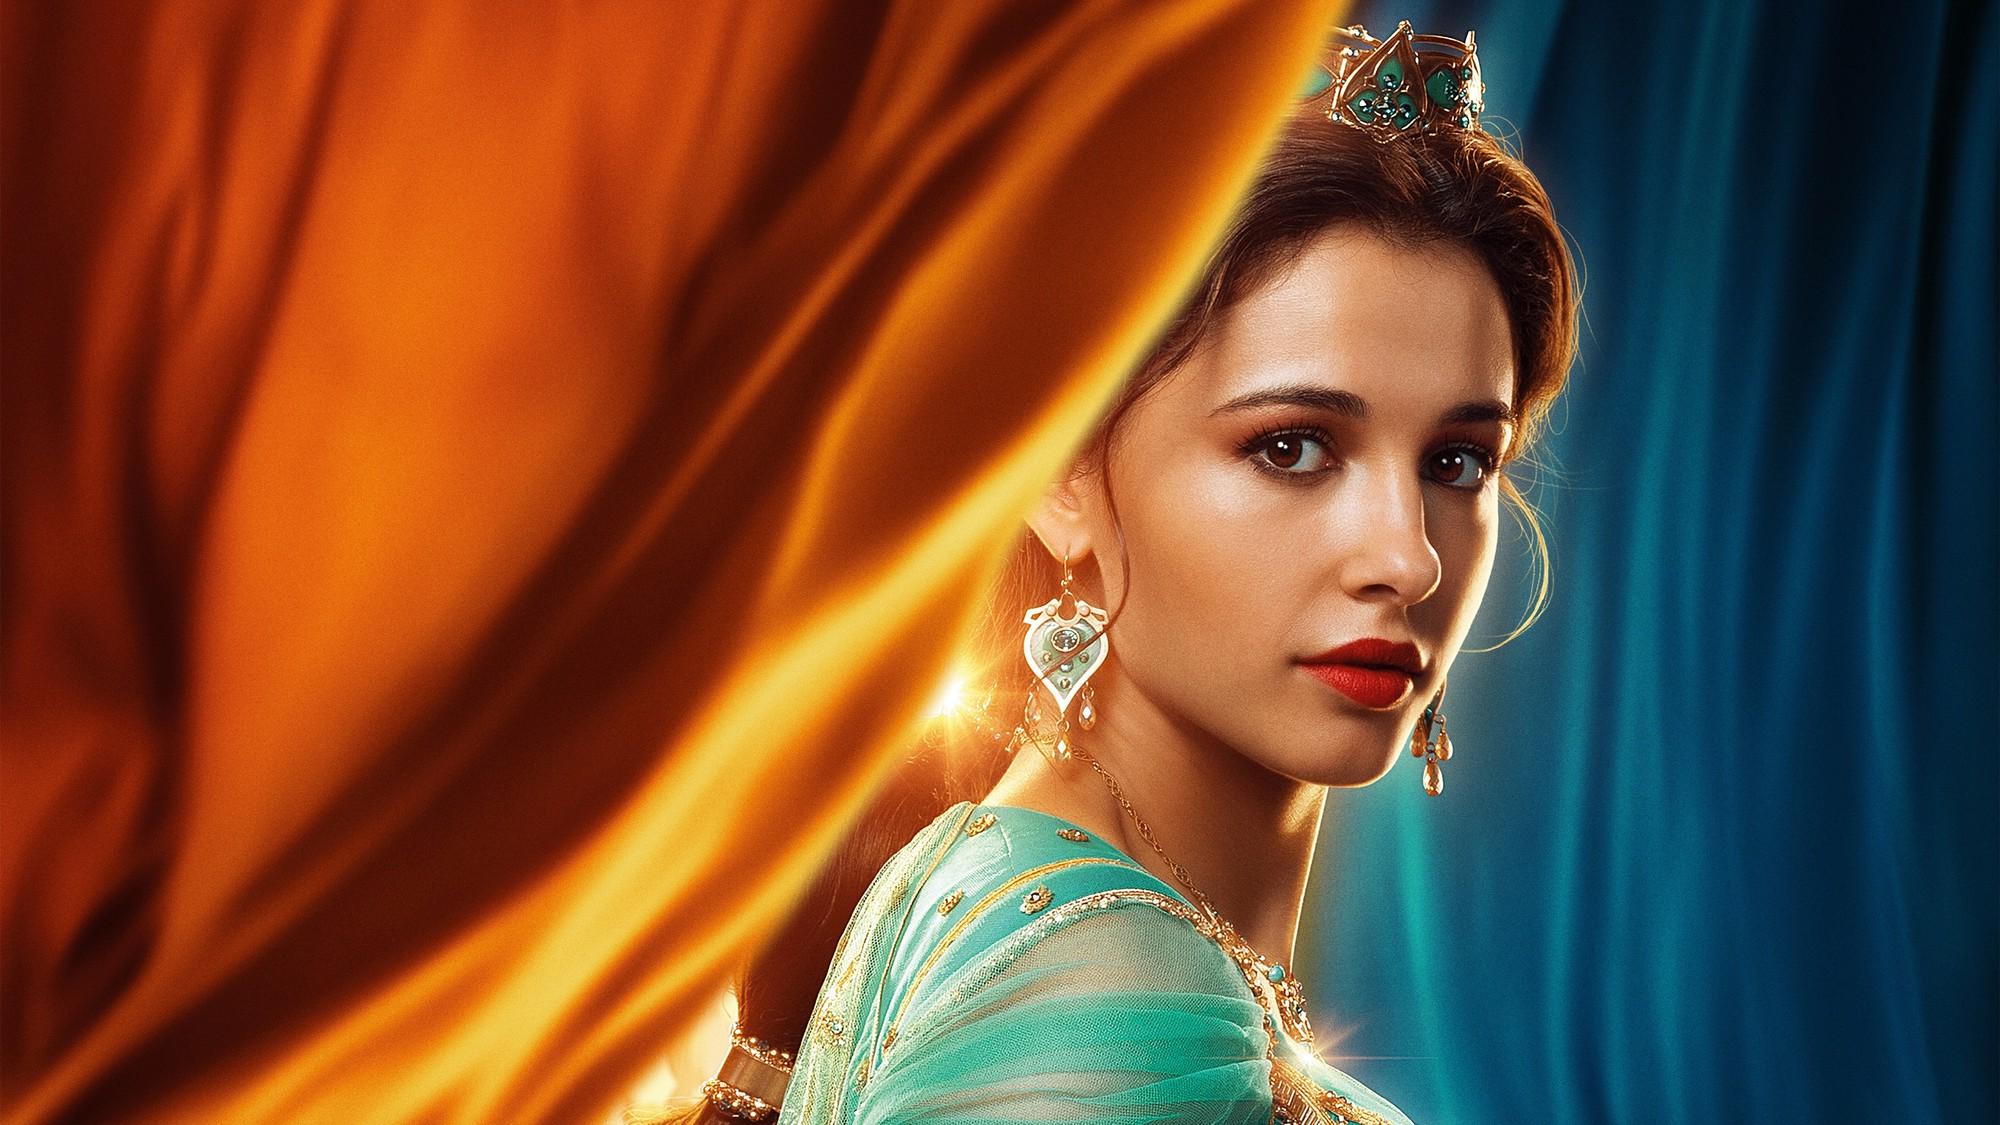 Jasmine đầu tiên của Aladdin Naomi Scott: Vẻ đẹp lai Á - Âu gây bão, từ ca sĩ vô danh thành công chúa mới của Disney - Ảnh 1.